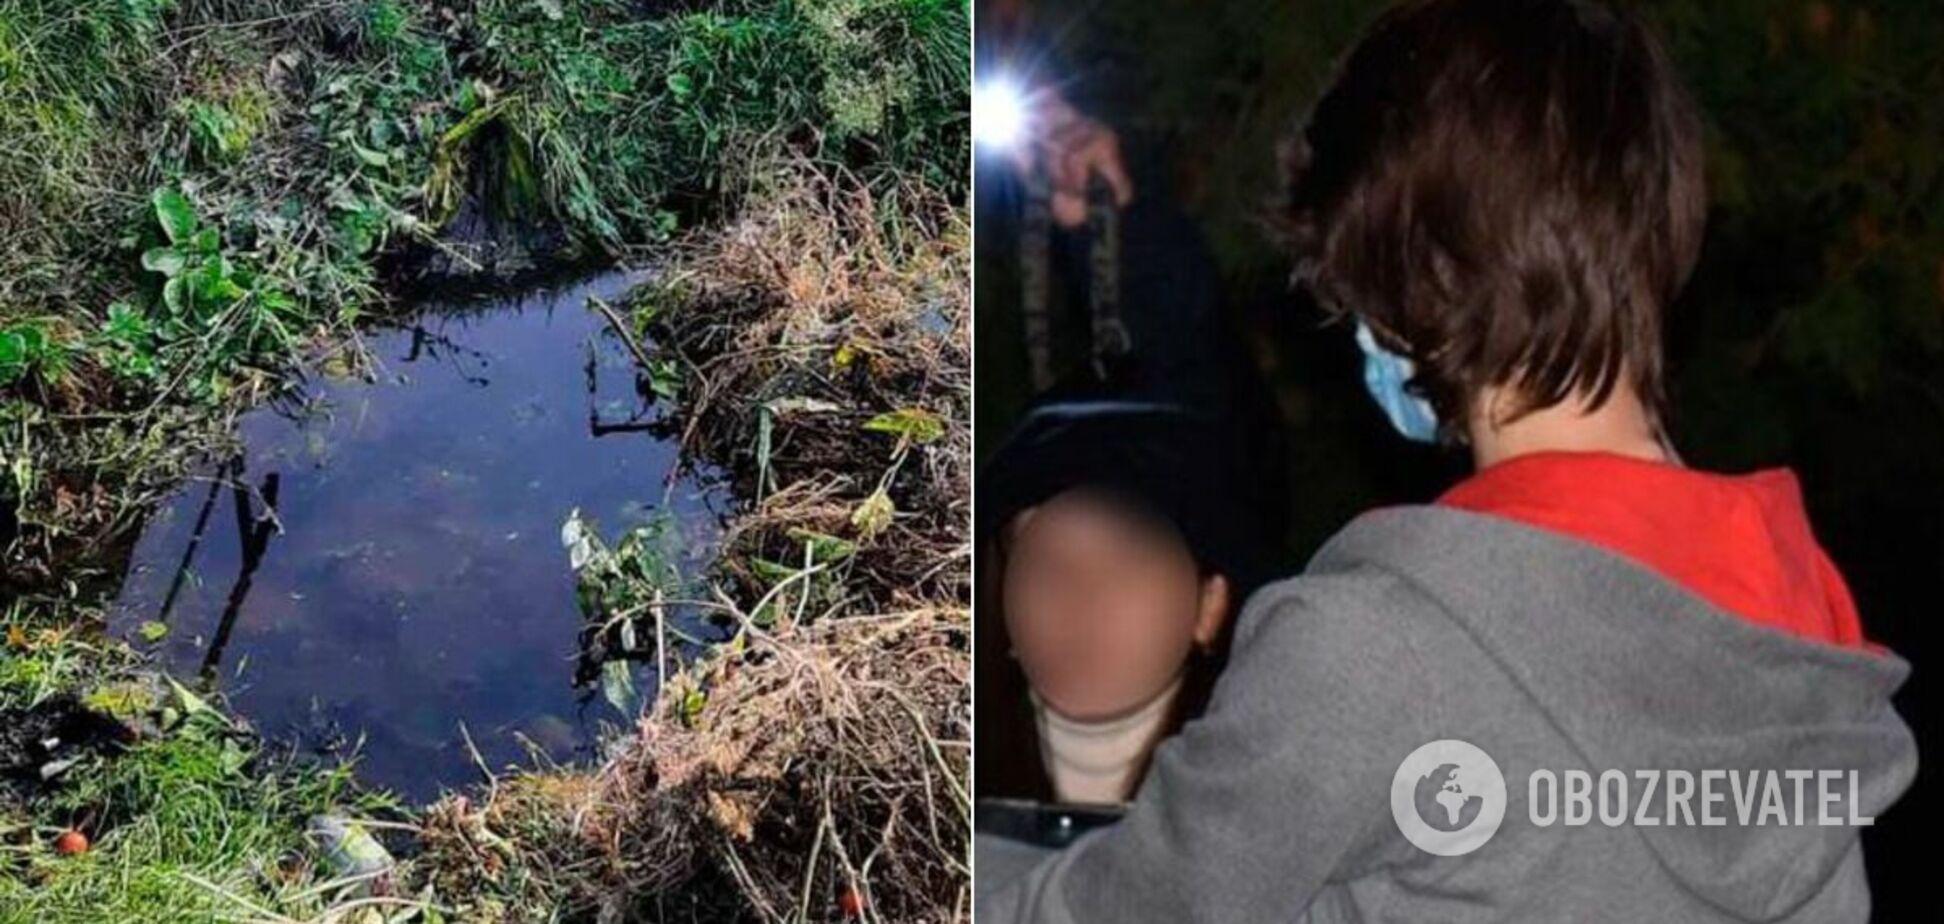 На Полтавщине парень зарубил девушку топором и спрятал тело в пруду возле кладбища. Фото